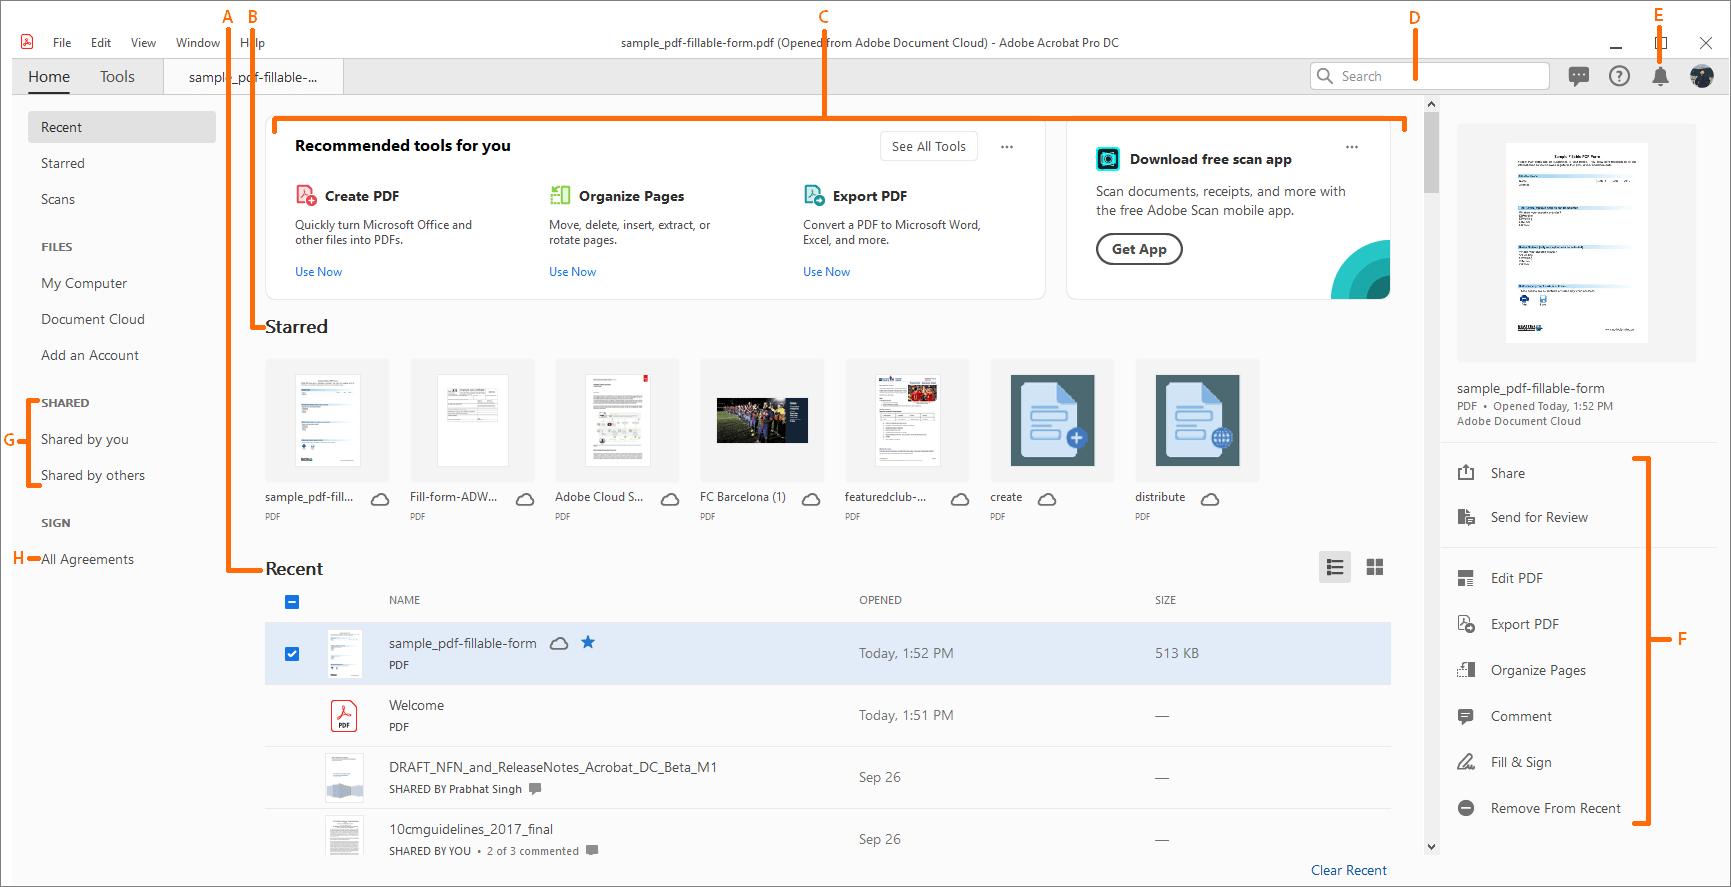 Adobe Acrobat Pro DC Crack Free Download